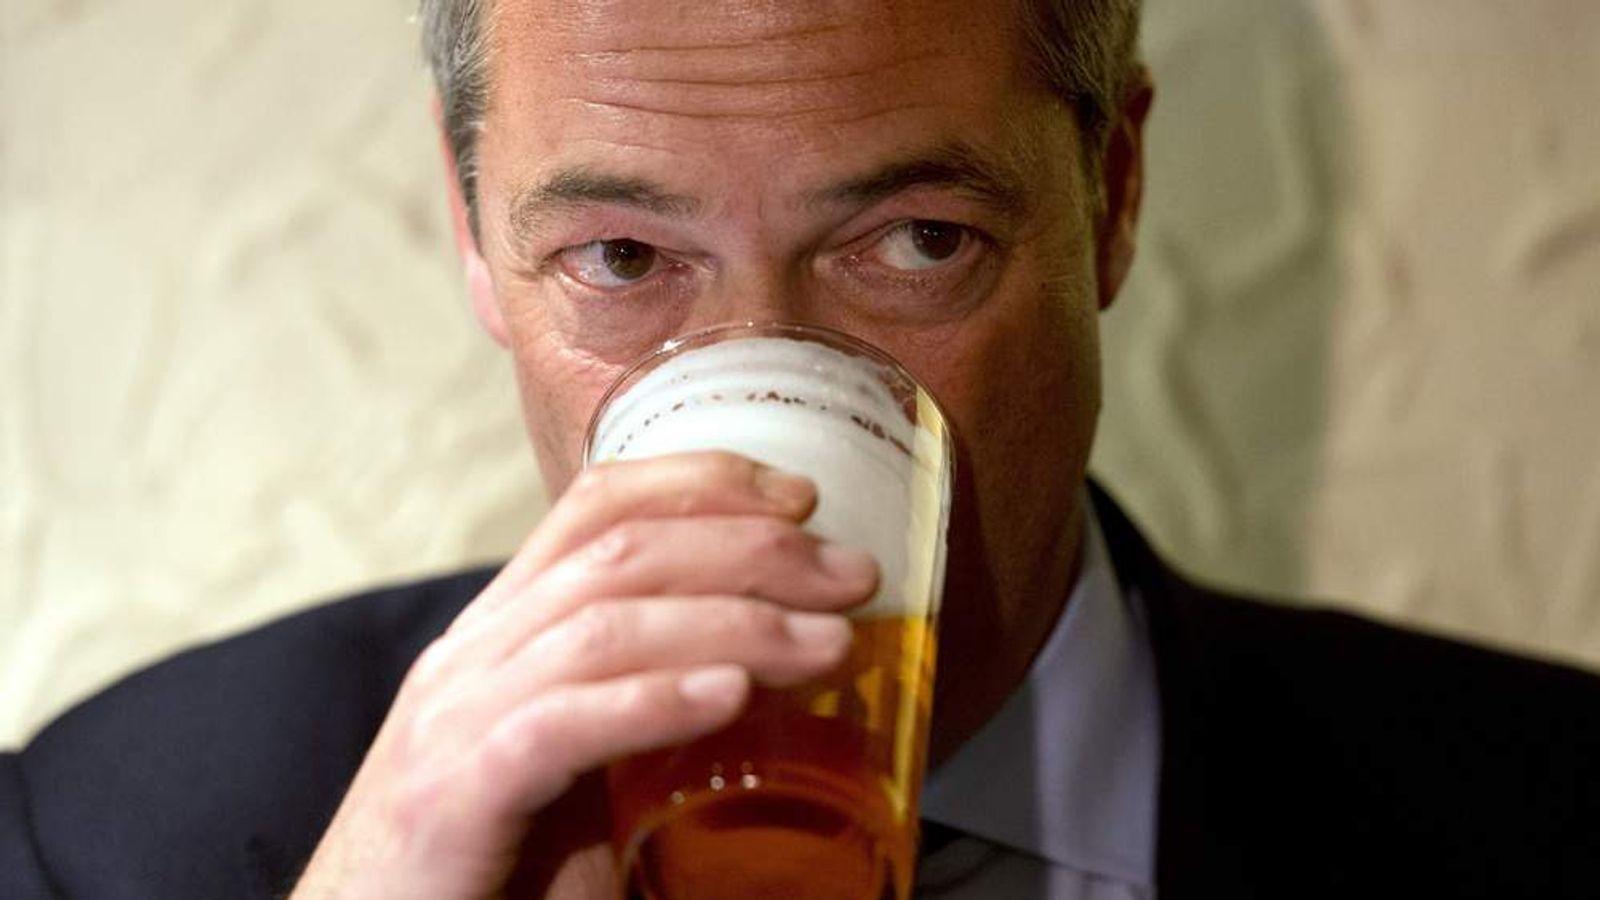 UKIP leader Nigel Farage drinks a pint of beer.